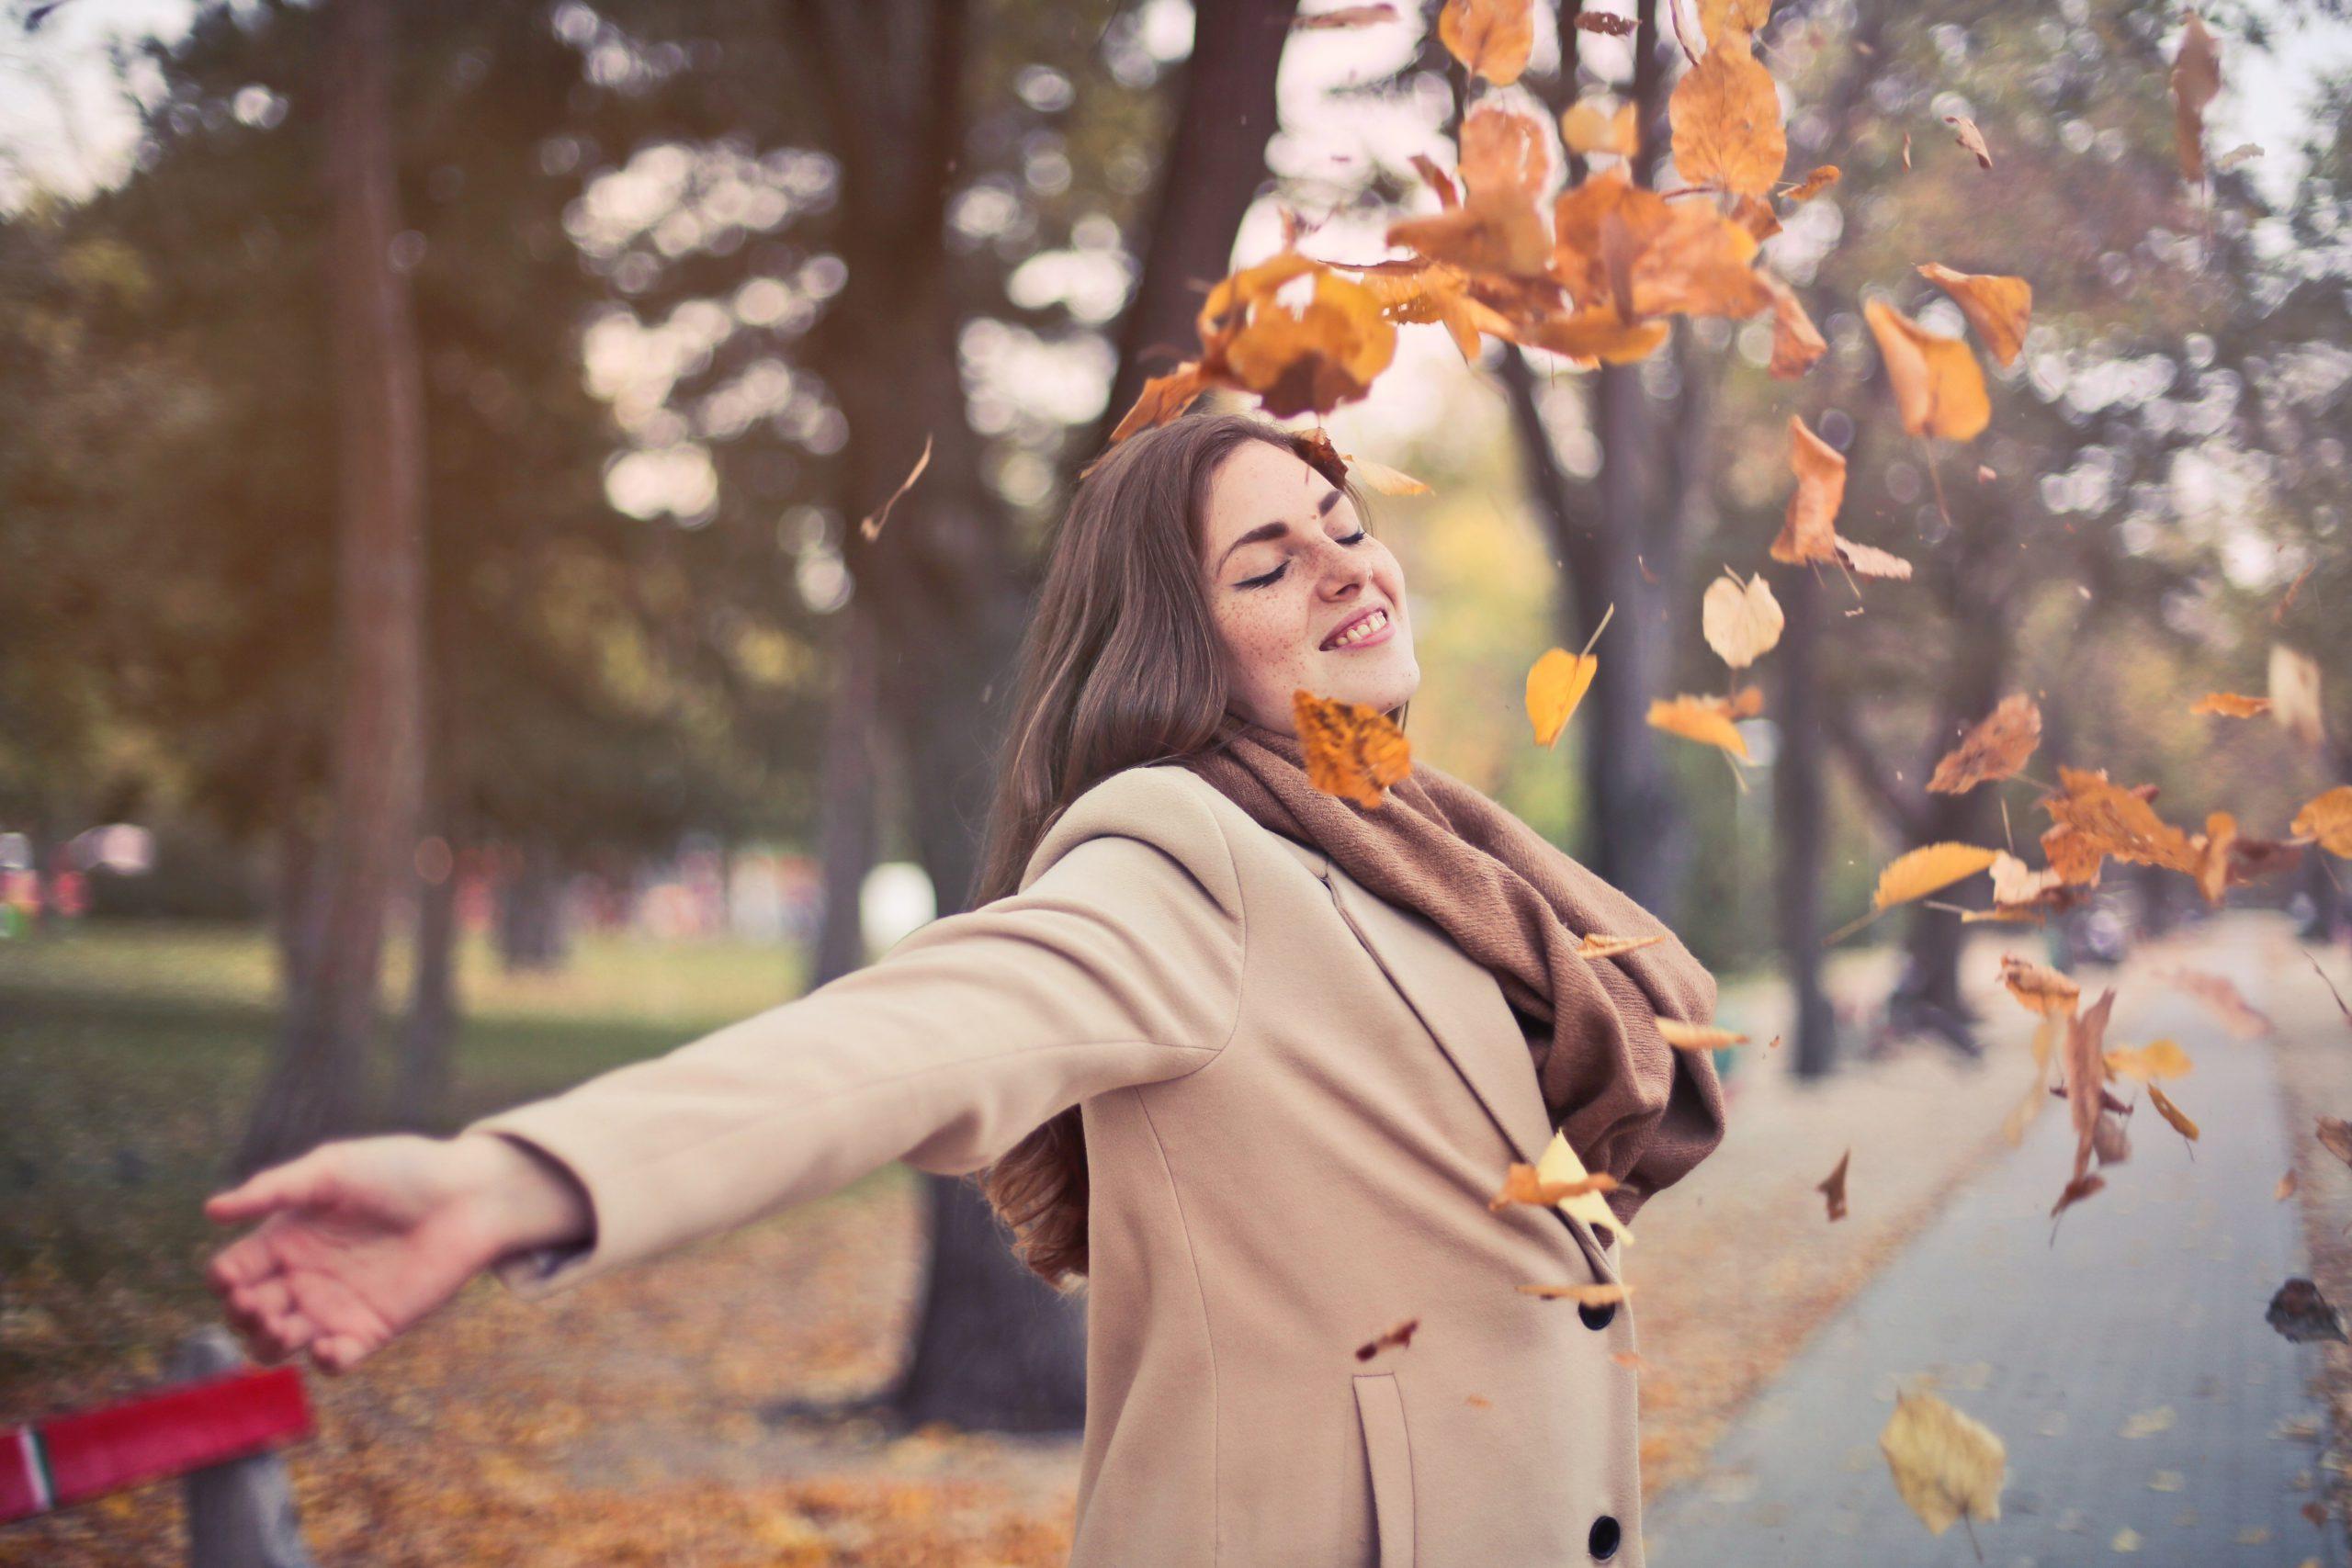 Kvinna utomhus sträcker ut armarna i höstlöv. Har en beige kappa på sig. Höstig miljö.